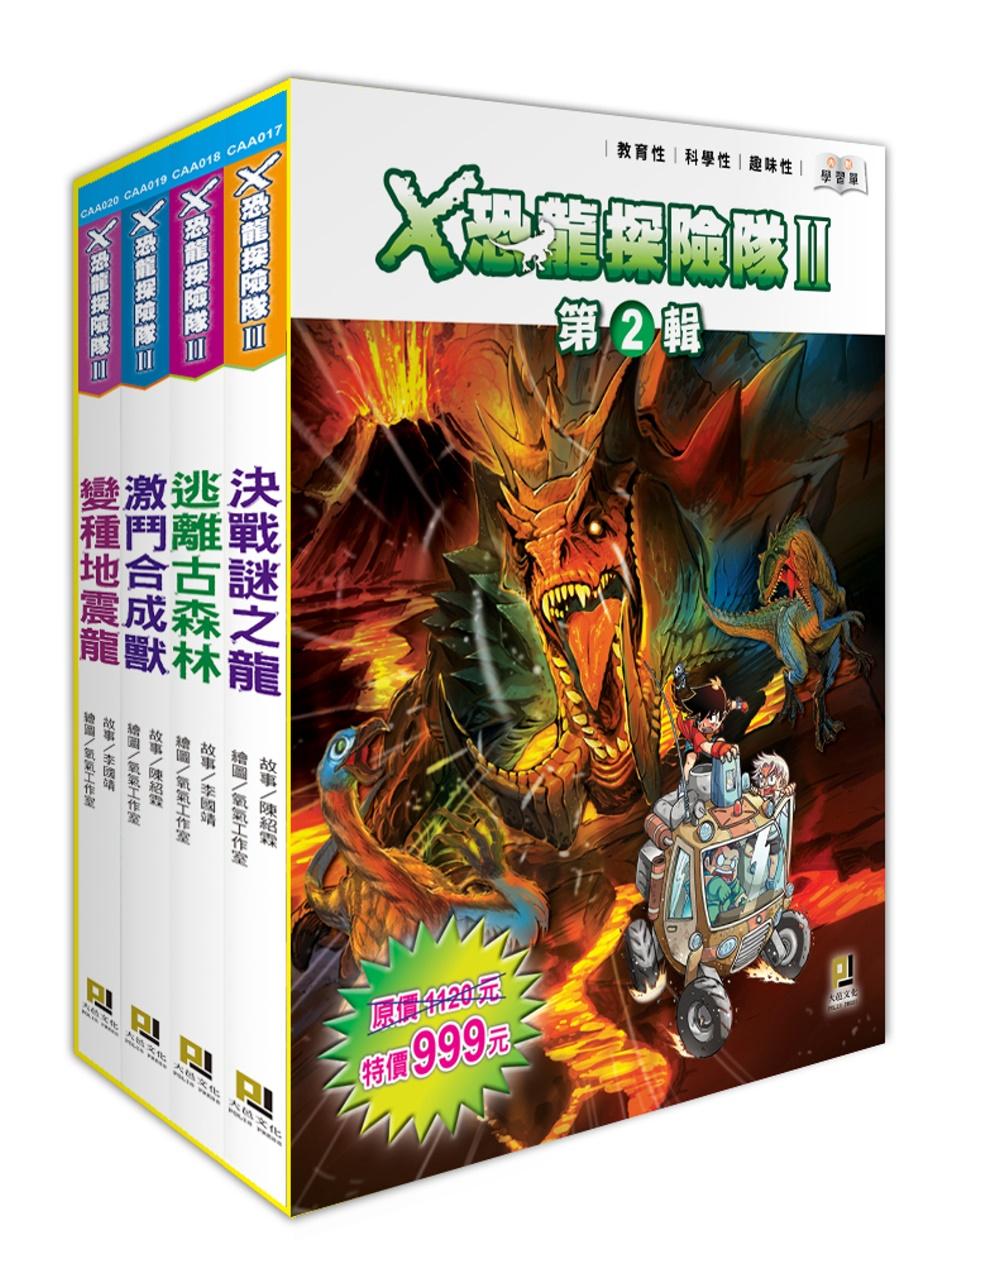 X恐龍探險隊Ⅱ第2輯套書